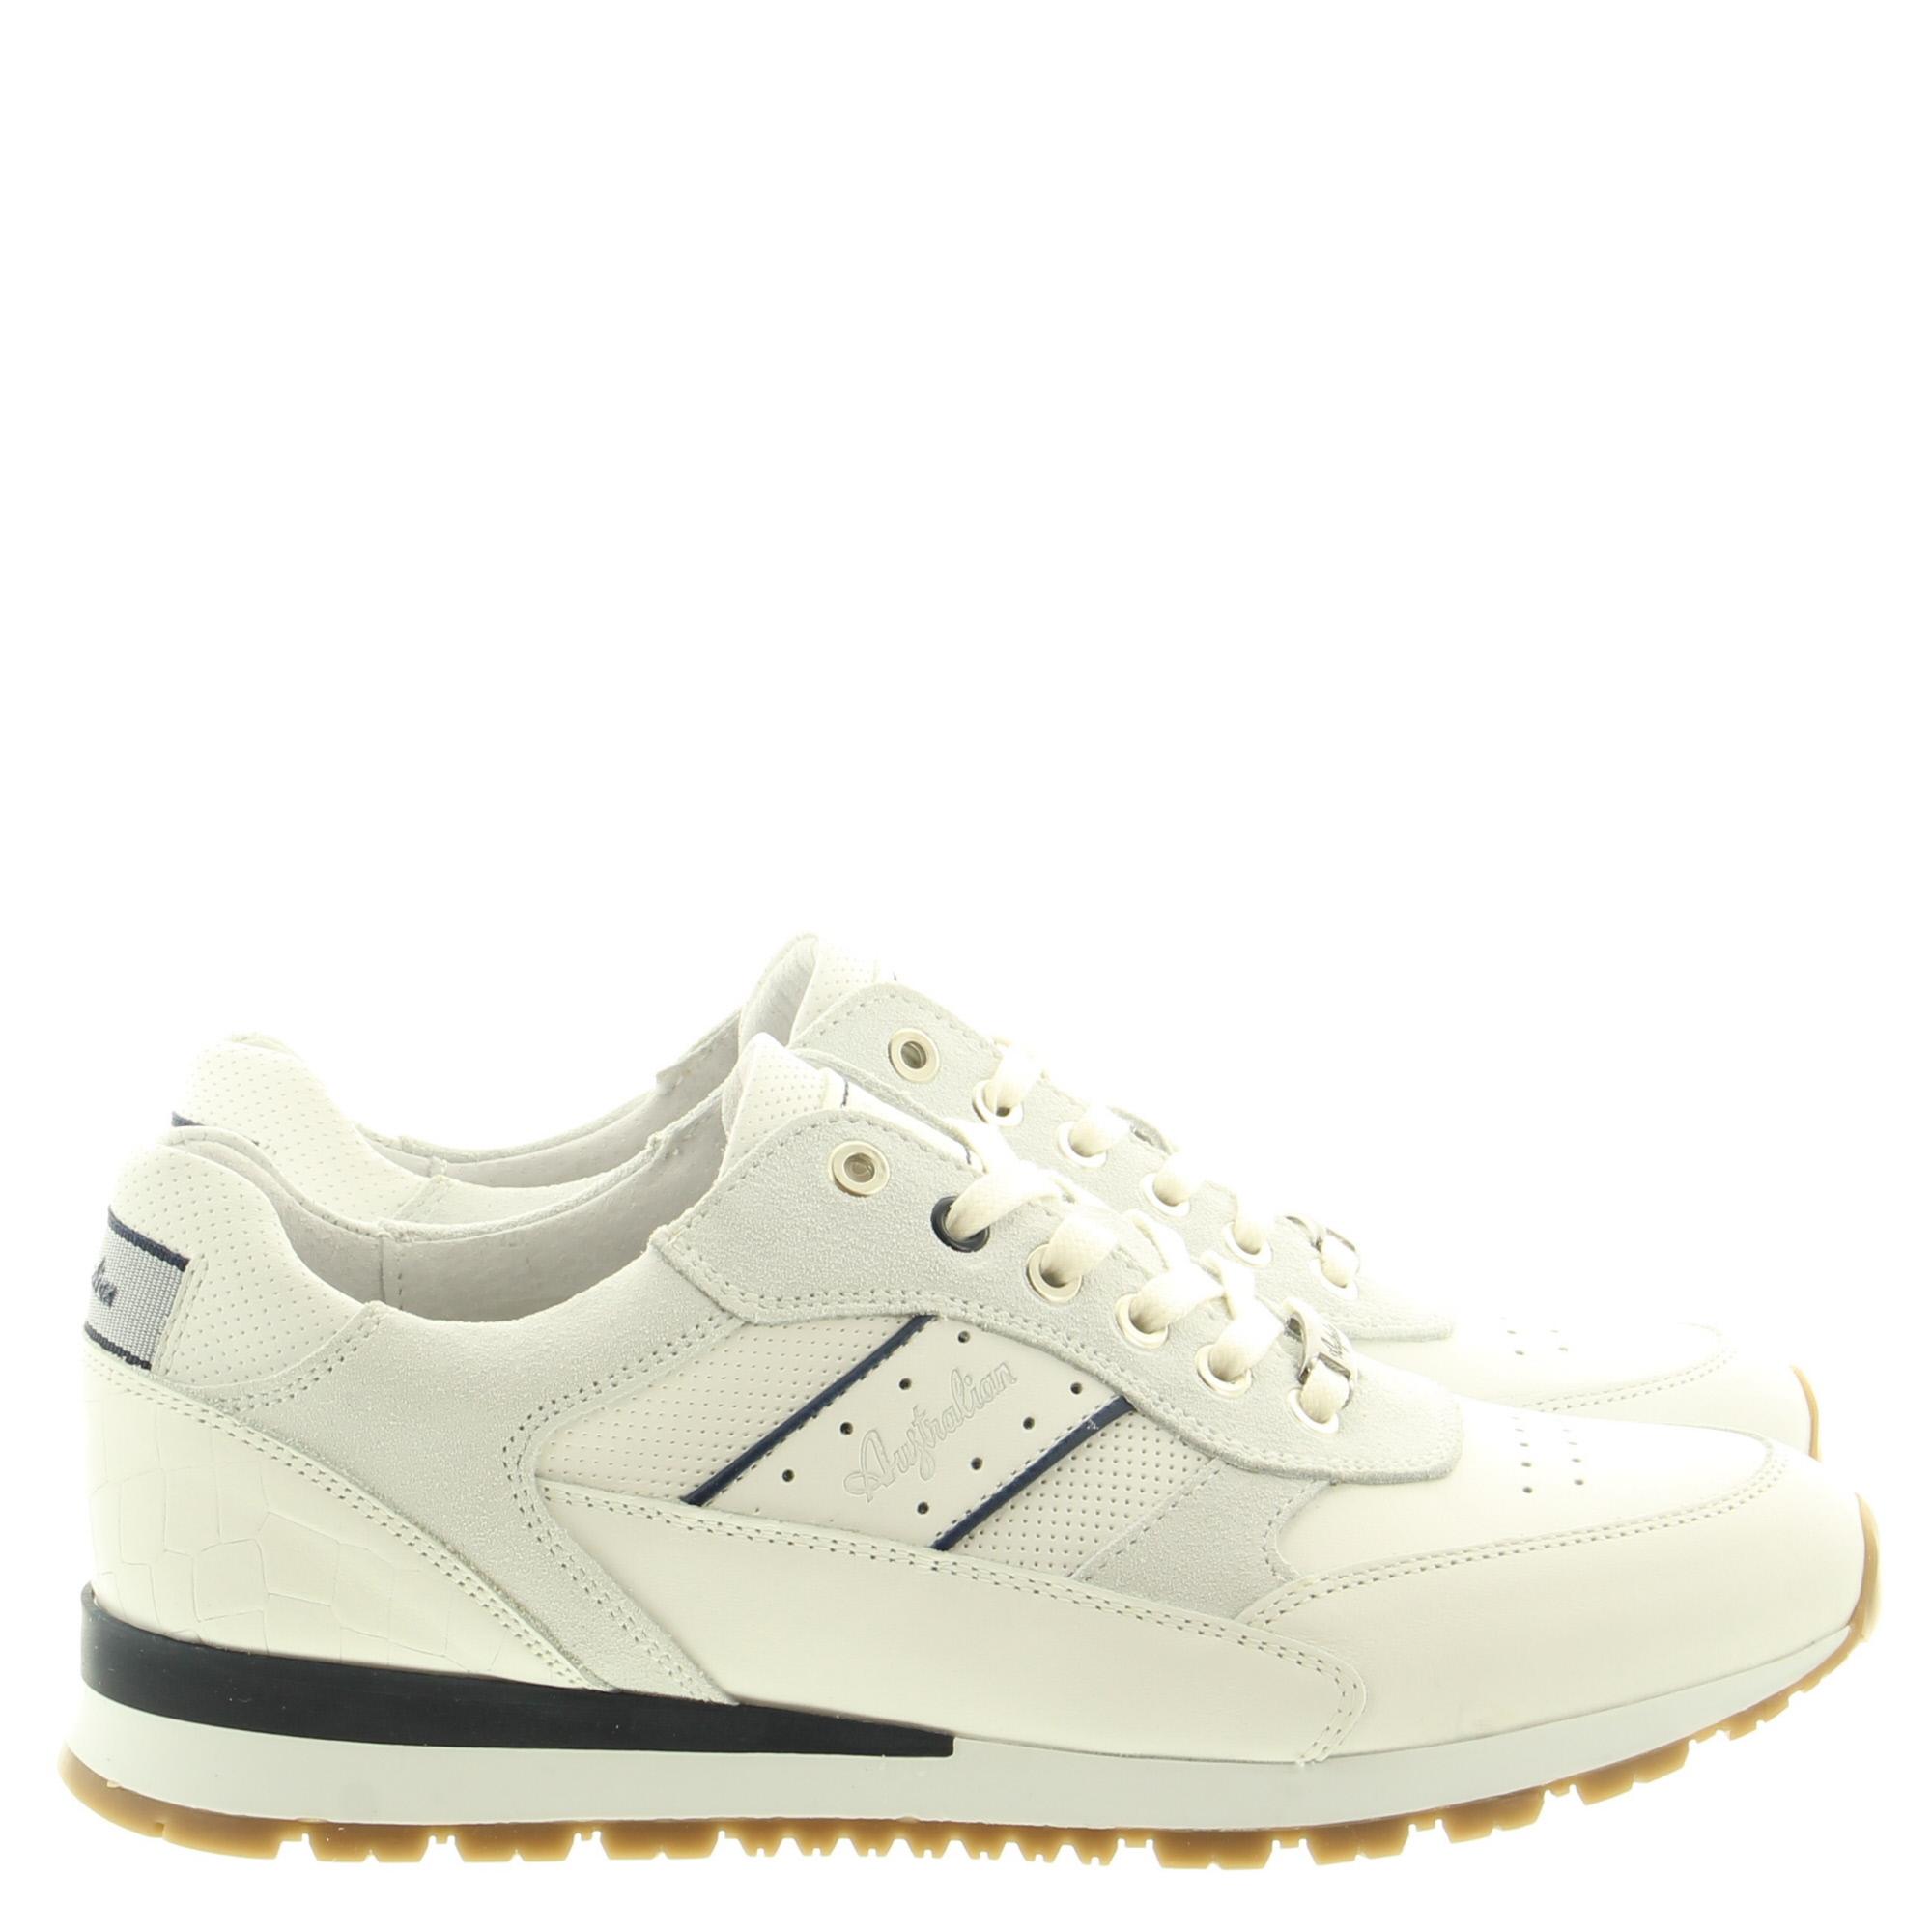 Australian Footwear Rosetti 15.1483.01 B02  White Blue